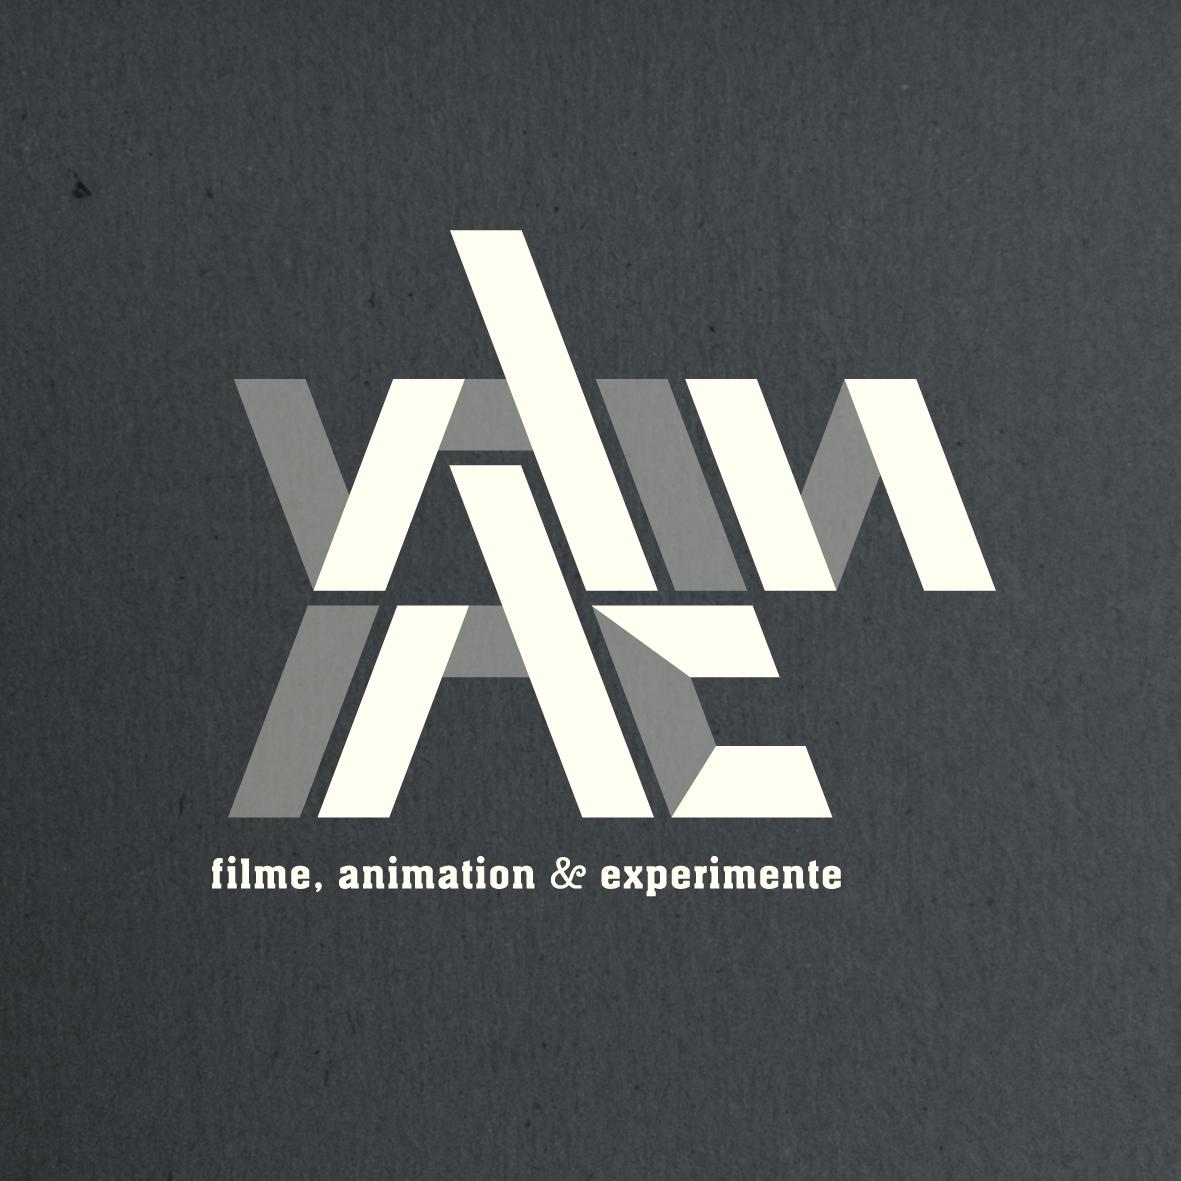 VAINIAC - filme, animation & experimente